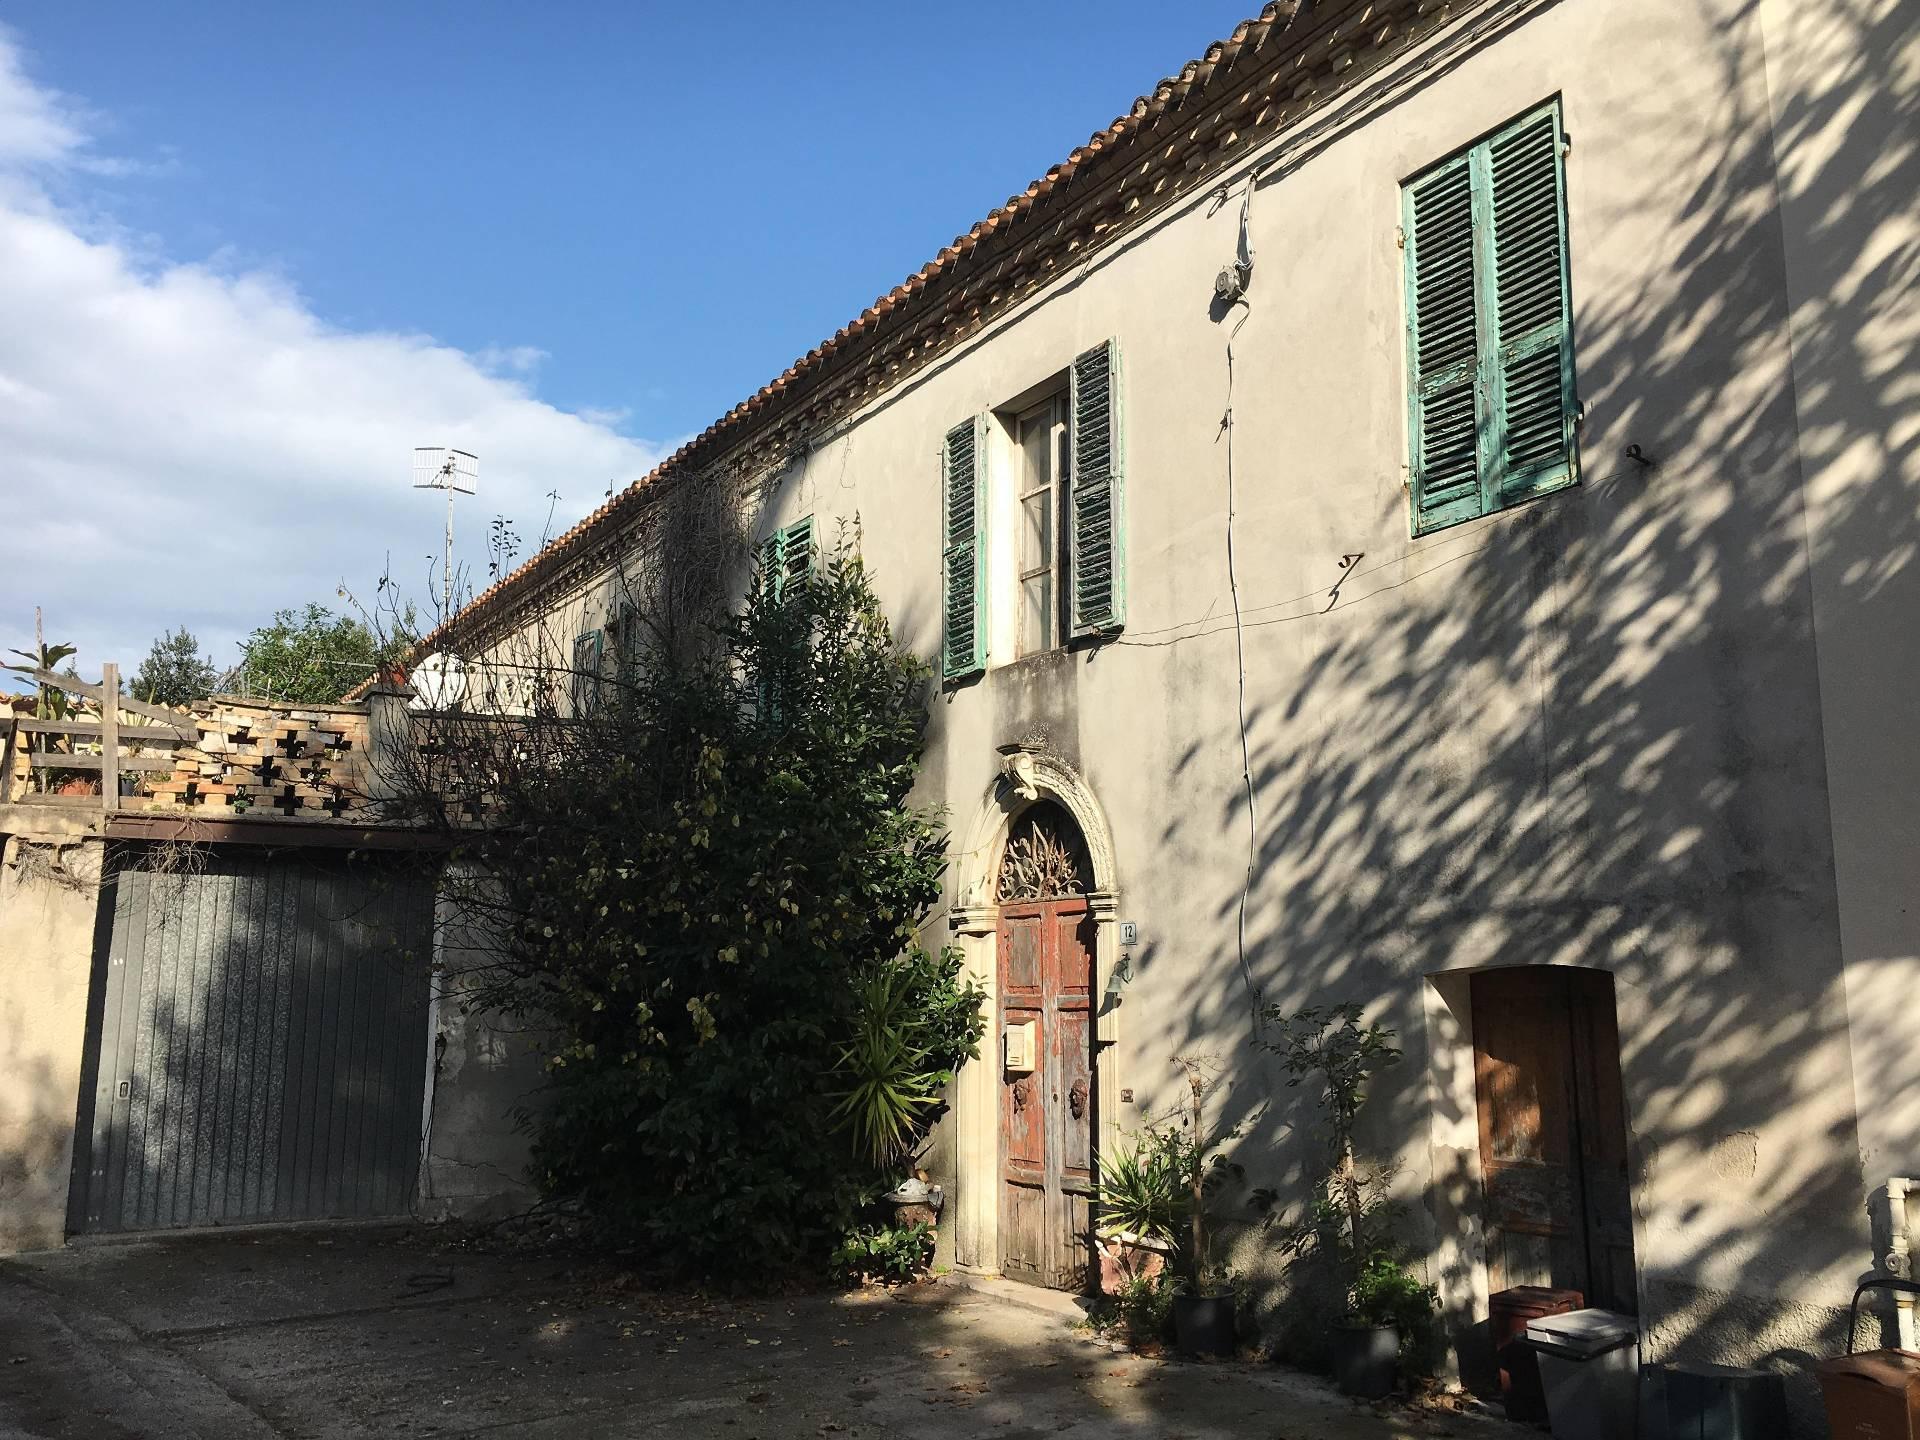 Soluzione Indipendente in vendita a Martinsicuro, 7 locali, prezzo € 48.000 | Cambio Casa.it